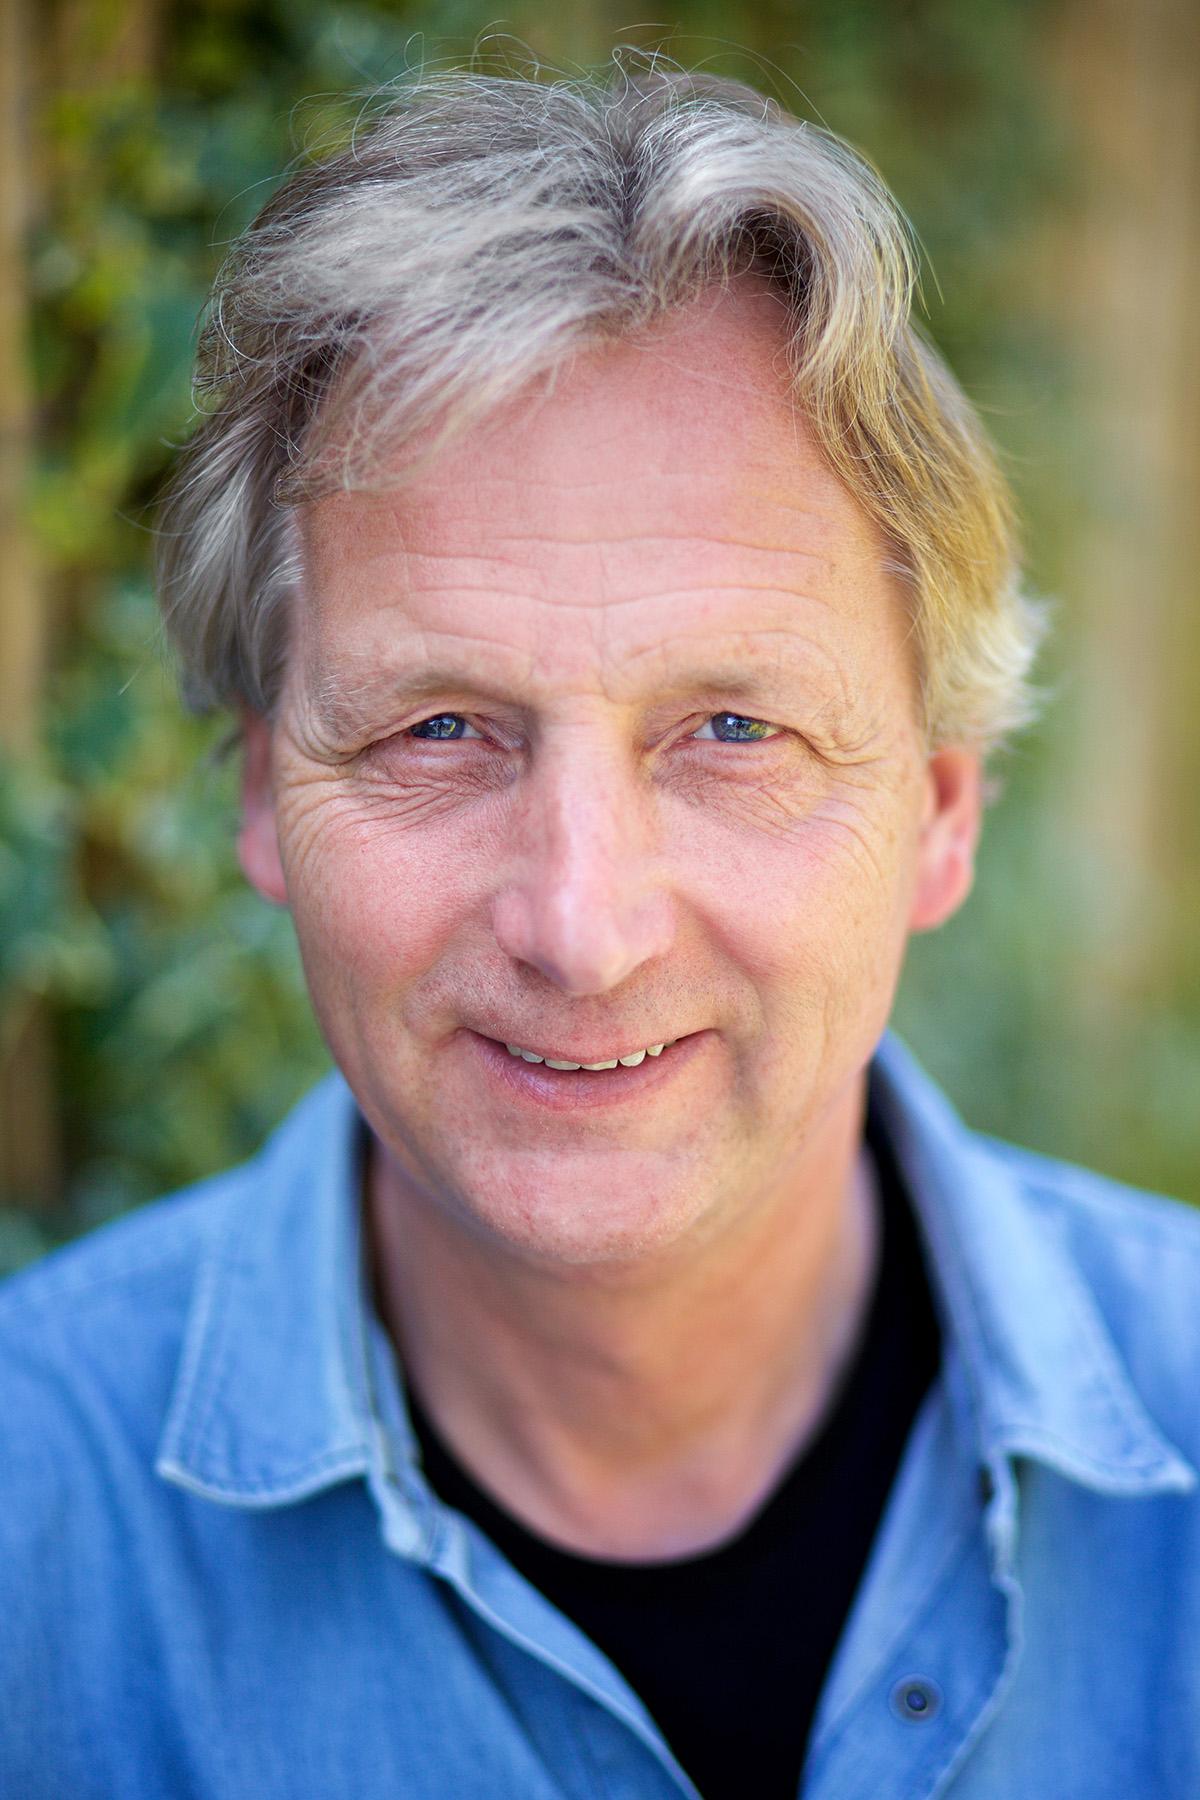 Alex Boshuizen